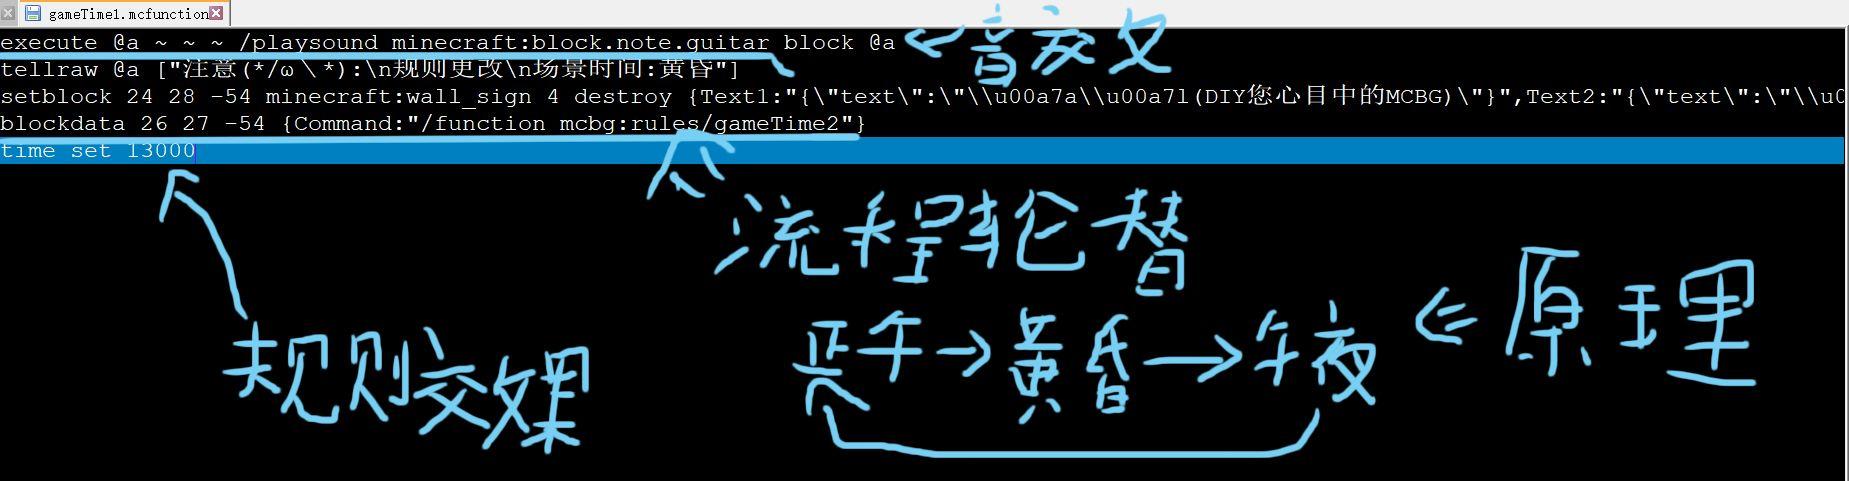 file_1616900695000.jpg